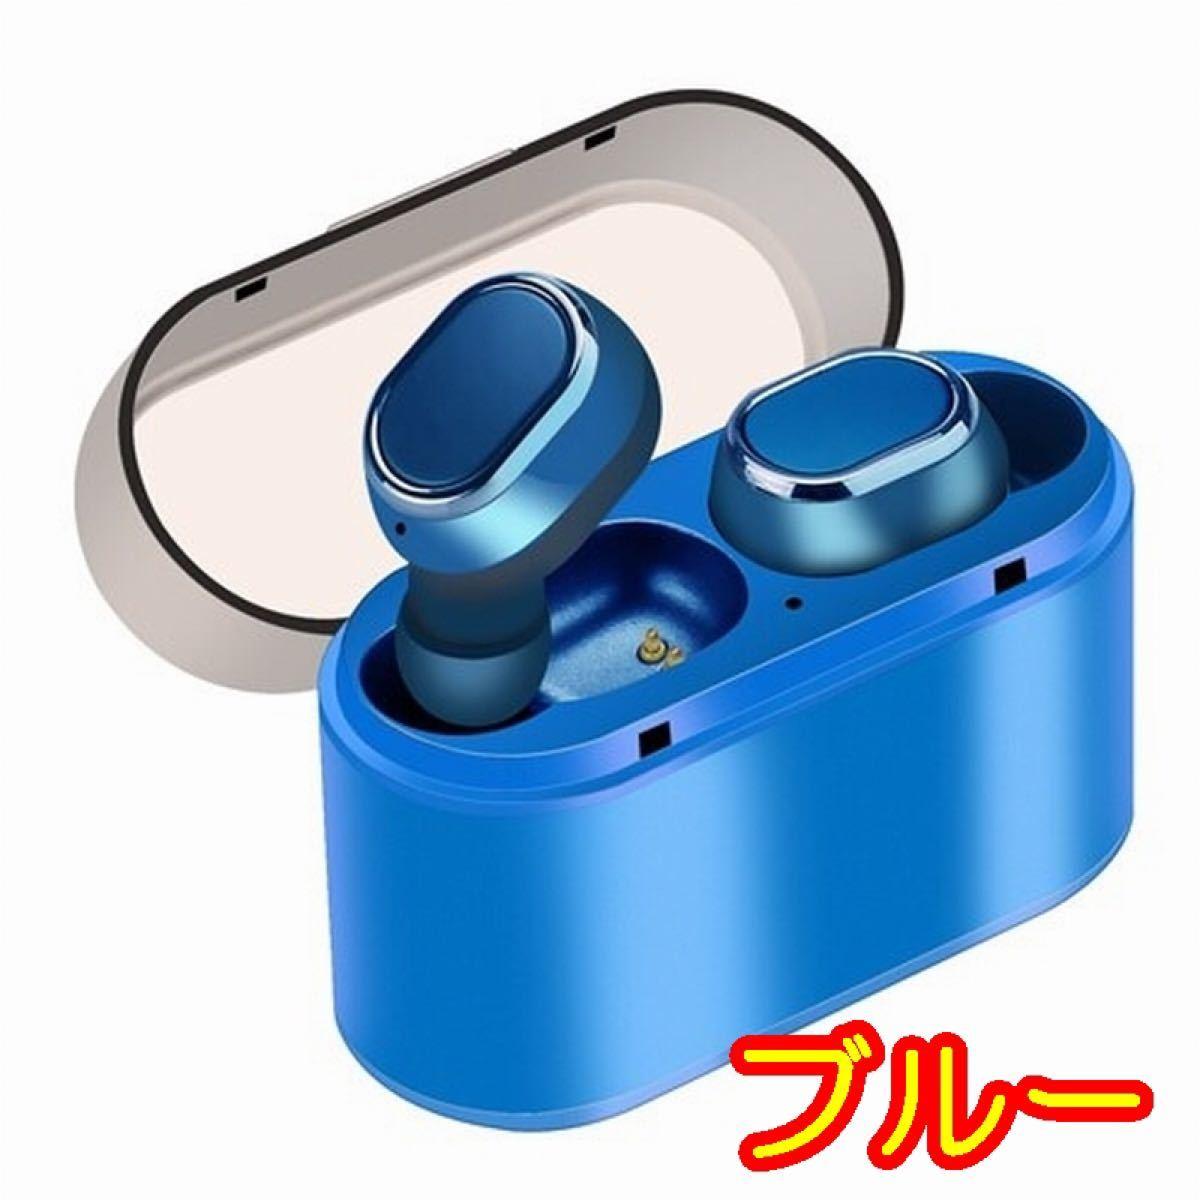 ワイヤレスイヤフォンBluetooth5.0超小型防水HIFI高音質ノイズキャン